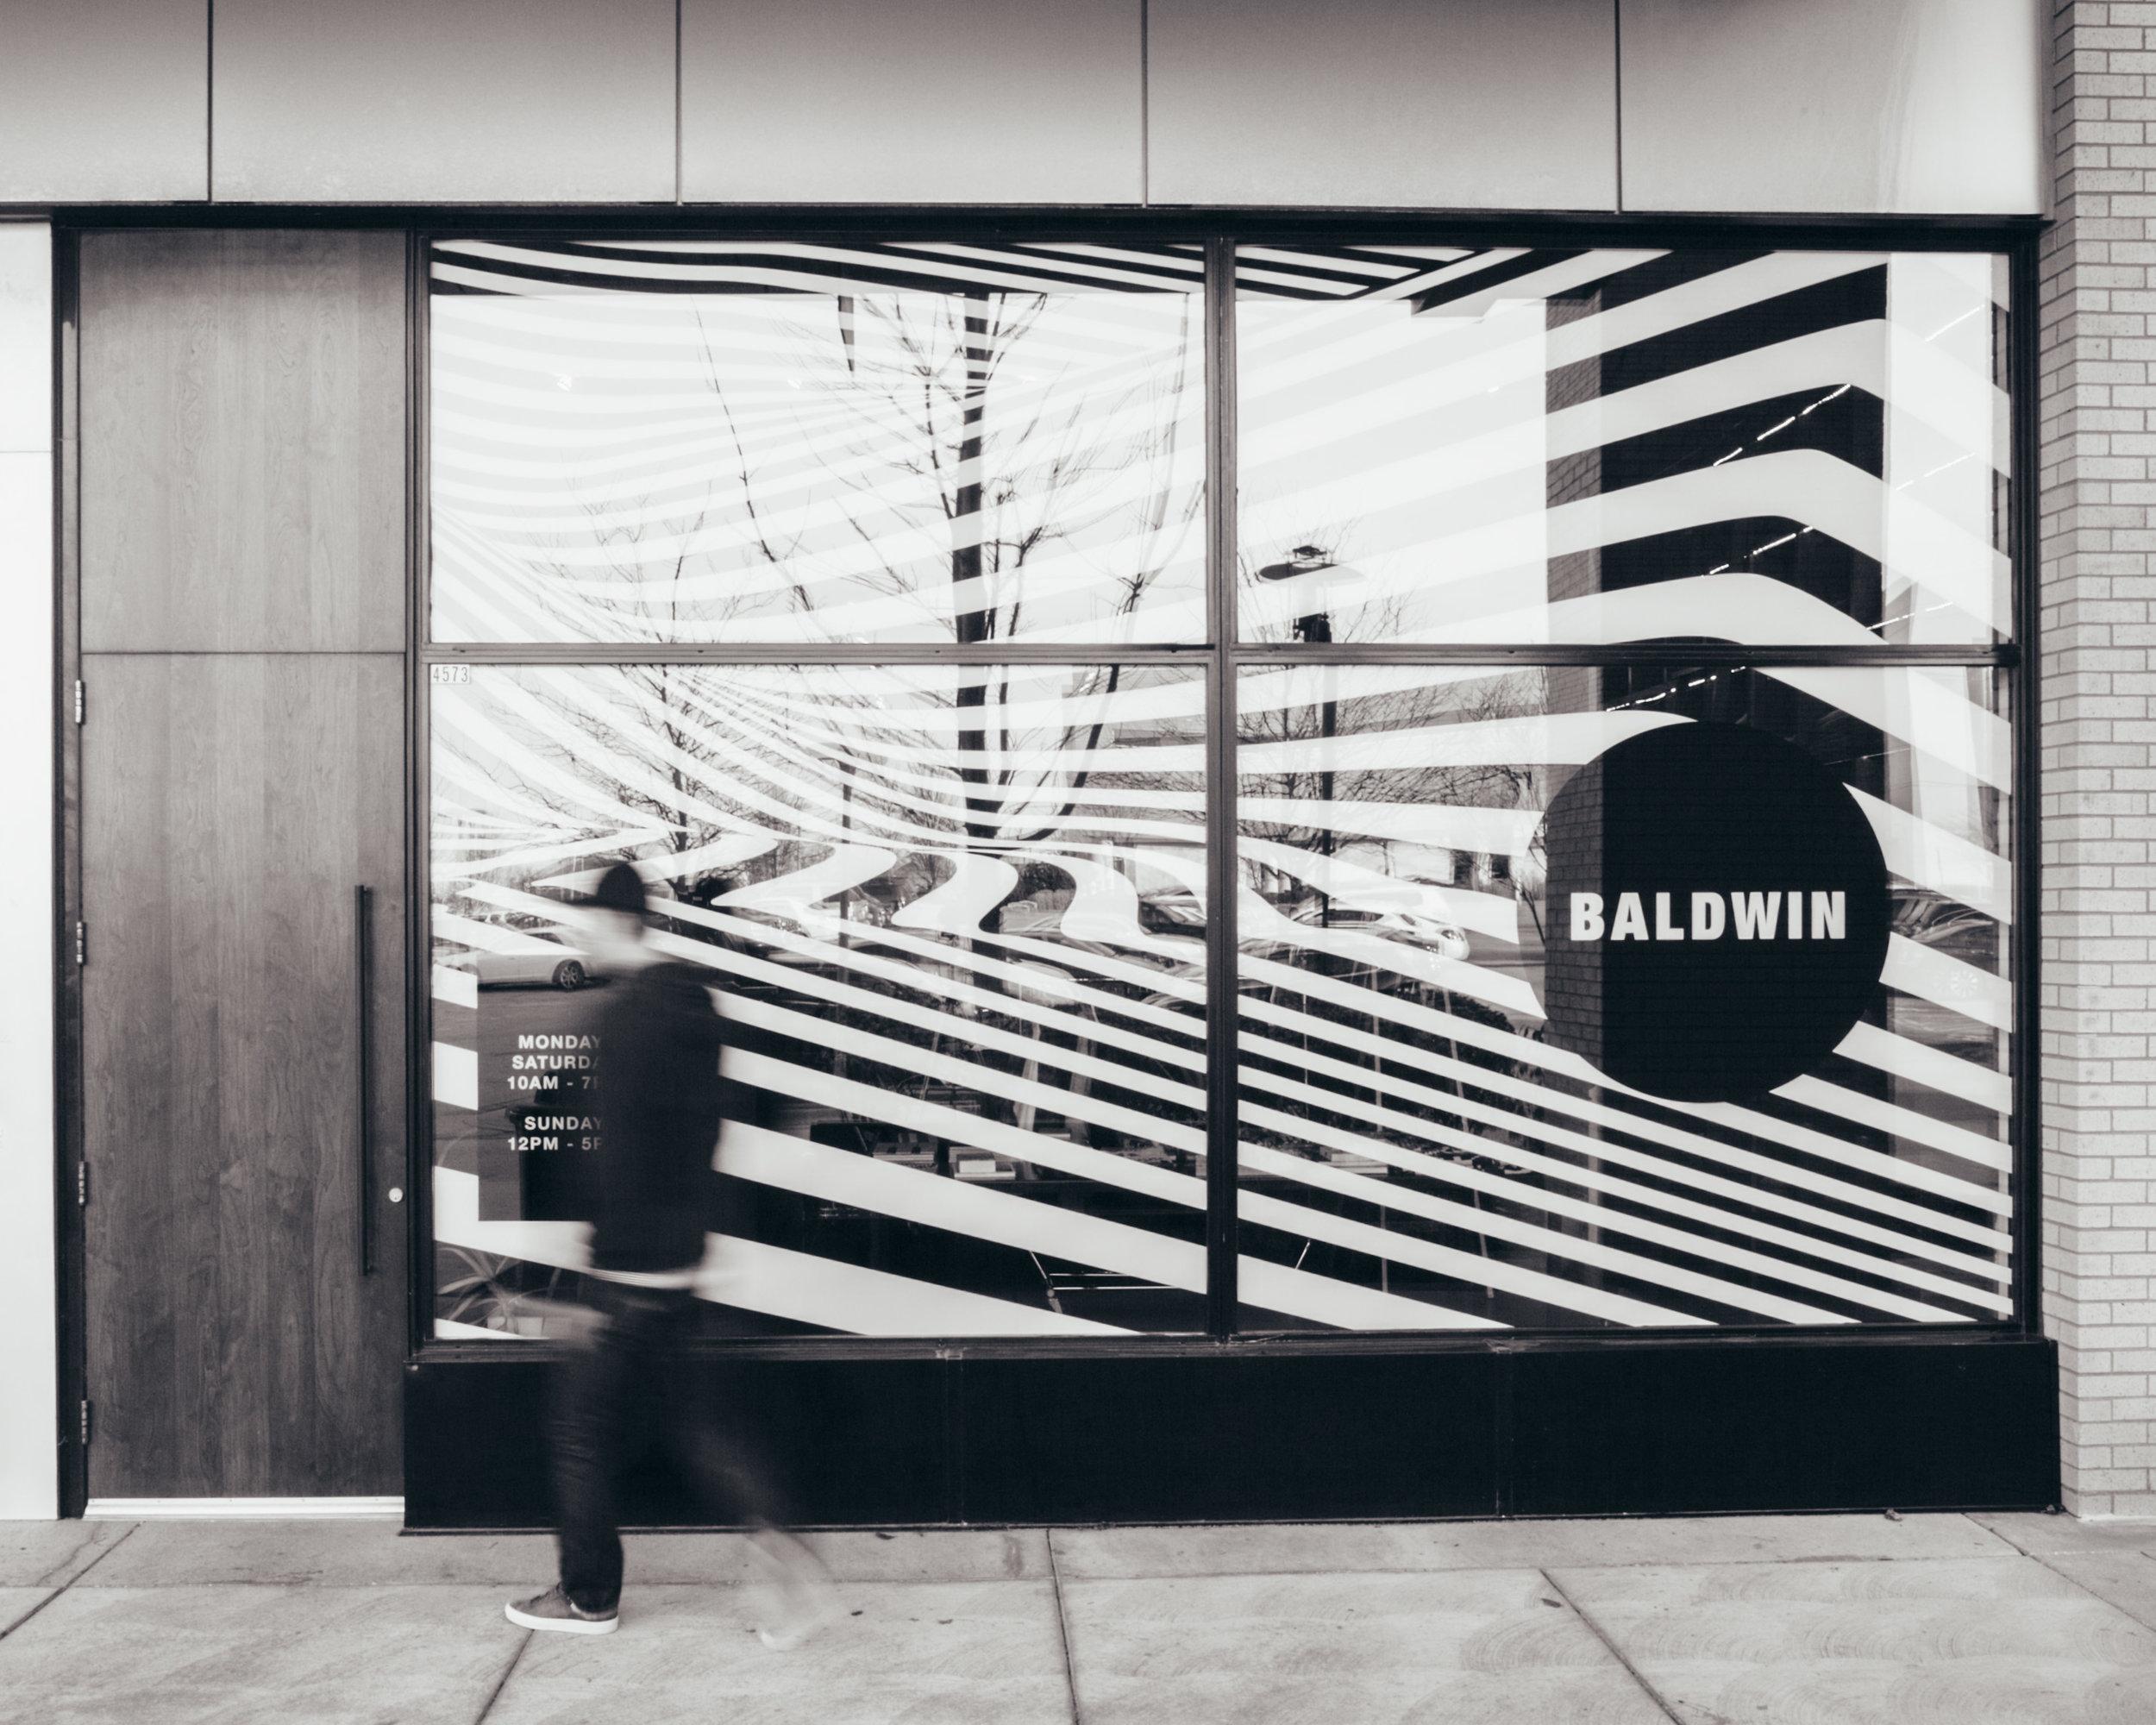 BALDWINMENSSHOP-019-6177.jpg